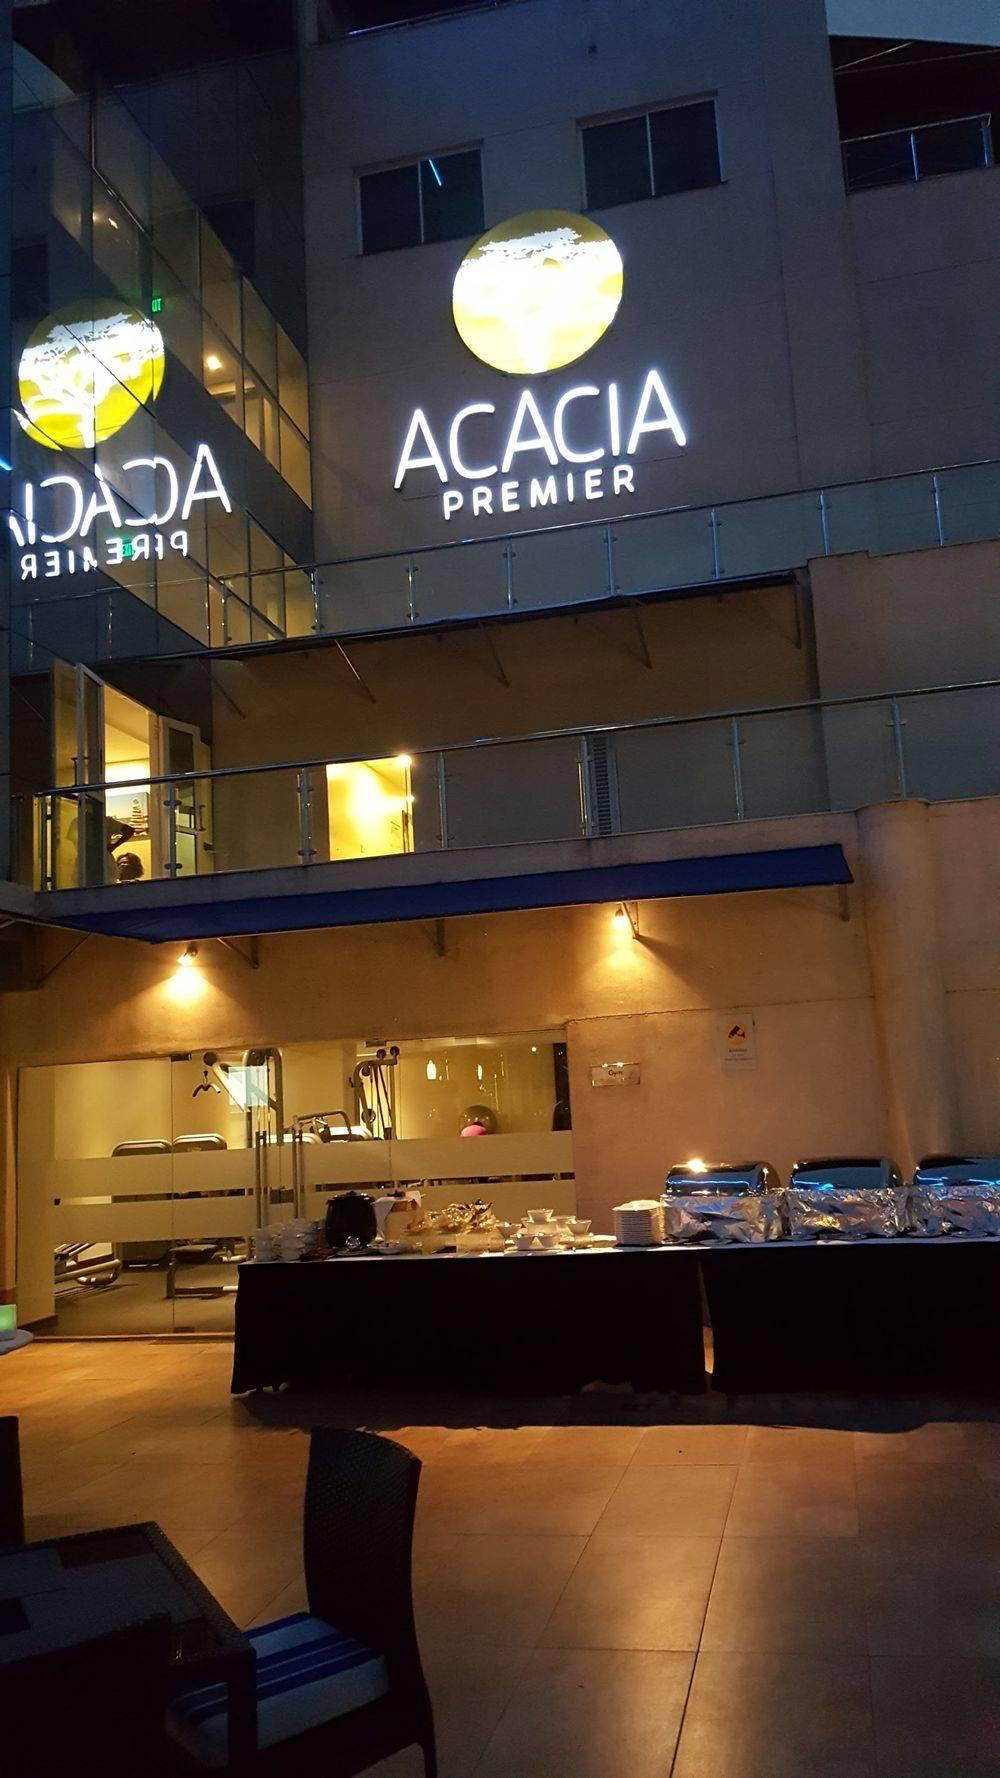 rooftop bar in acacia premier kisumu kenya , acacia premier hotel kisumu kenya  , mountains outside kisumu kenya , tusker beer , kisumu lakeside restaurant , kisumu international airport kenya , british & far east traders , welcome to kenya , kenya africa